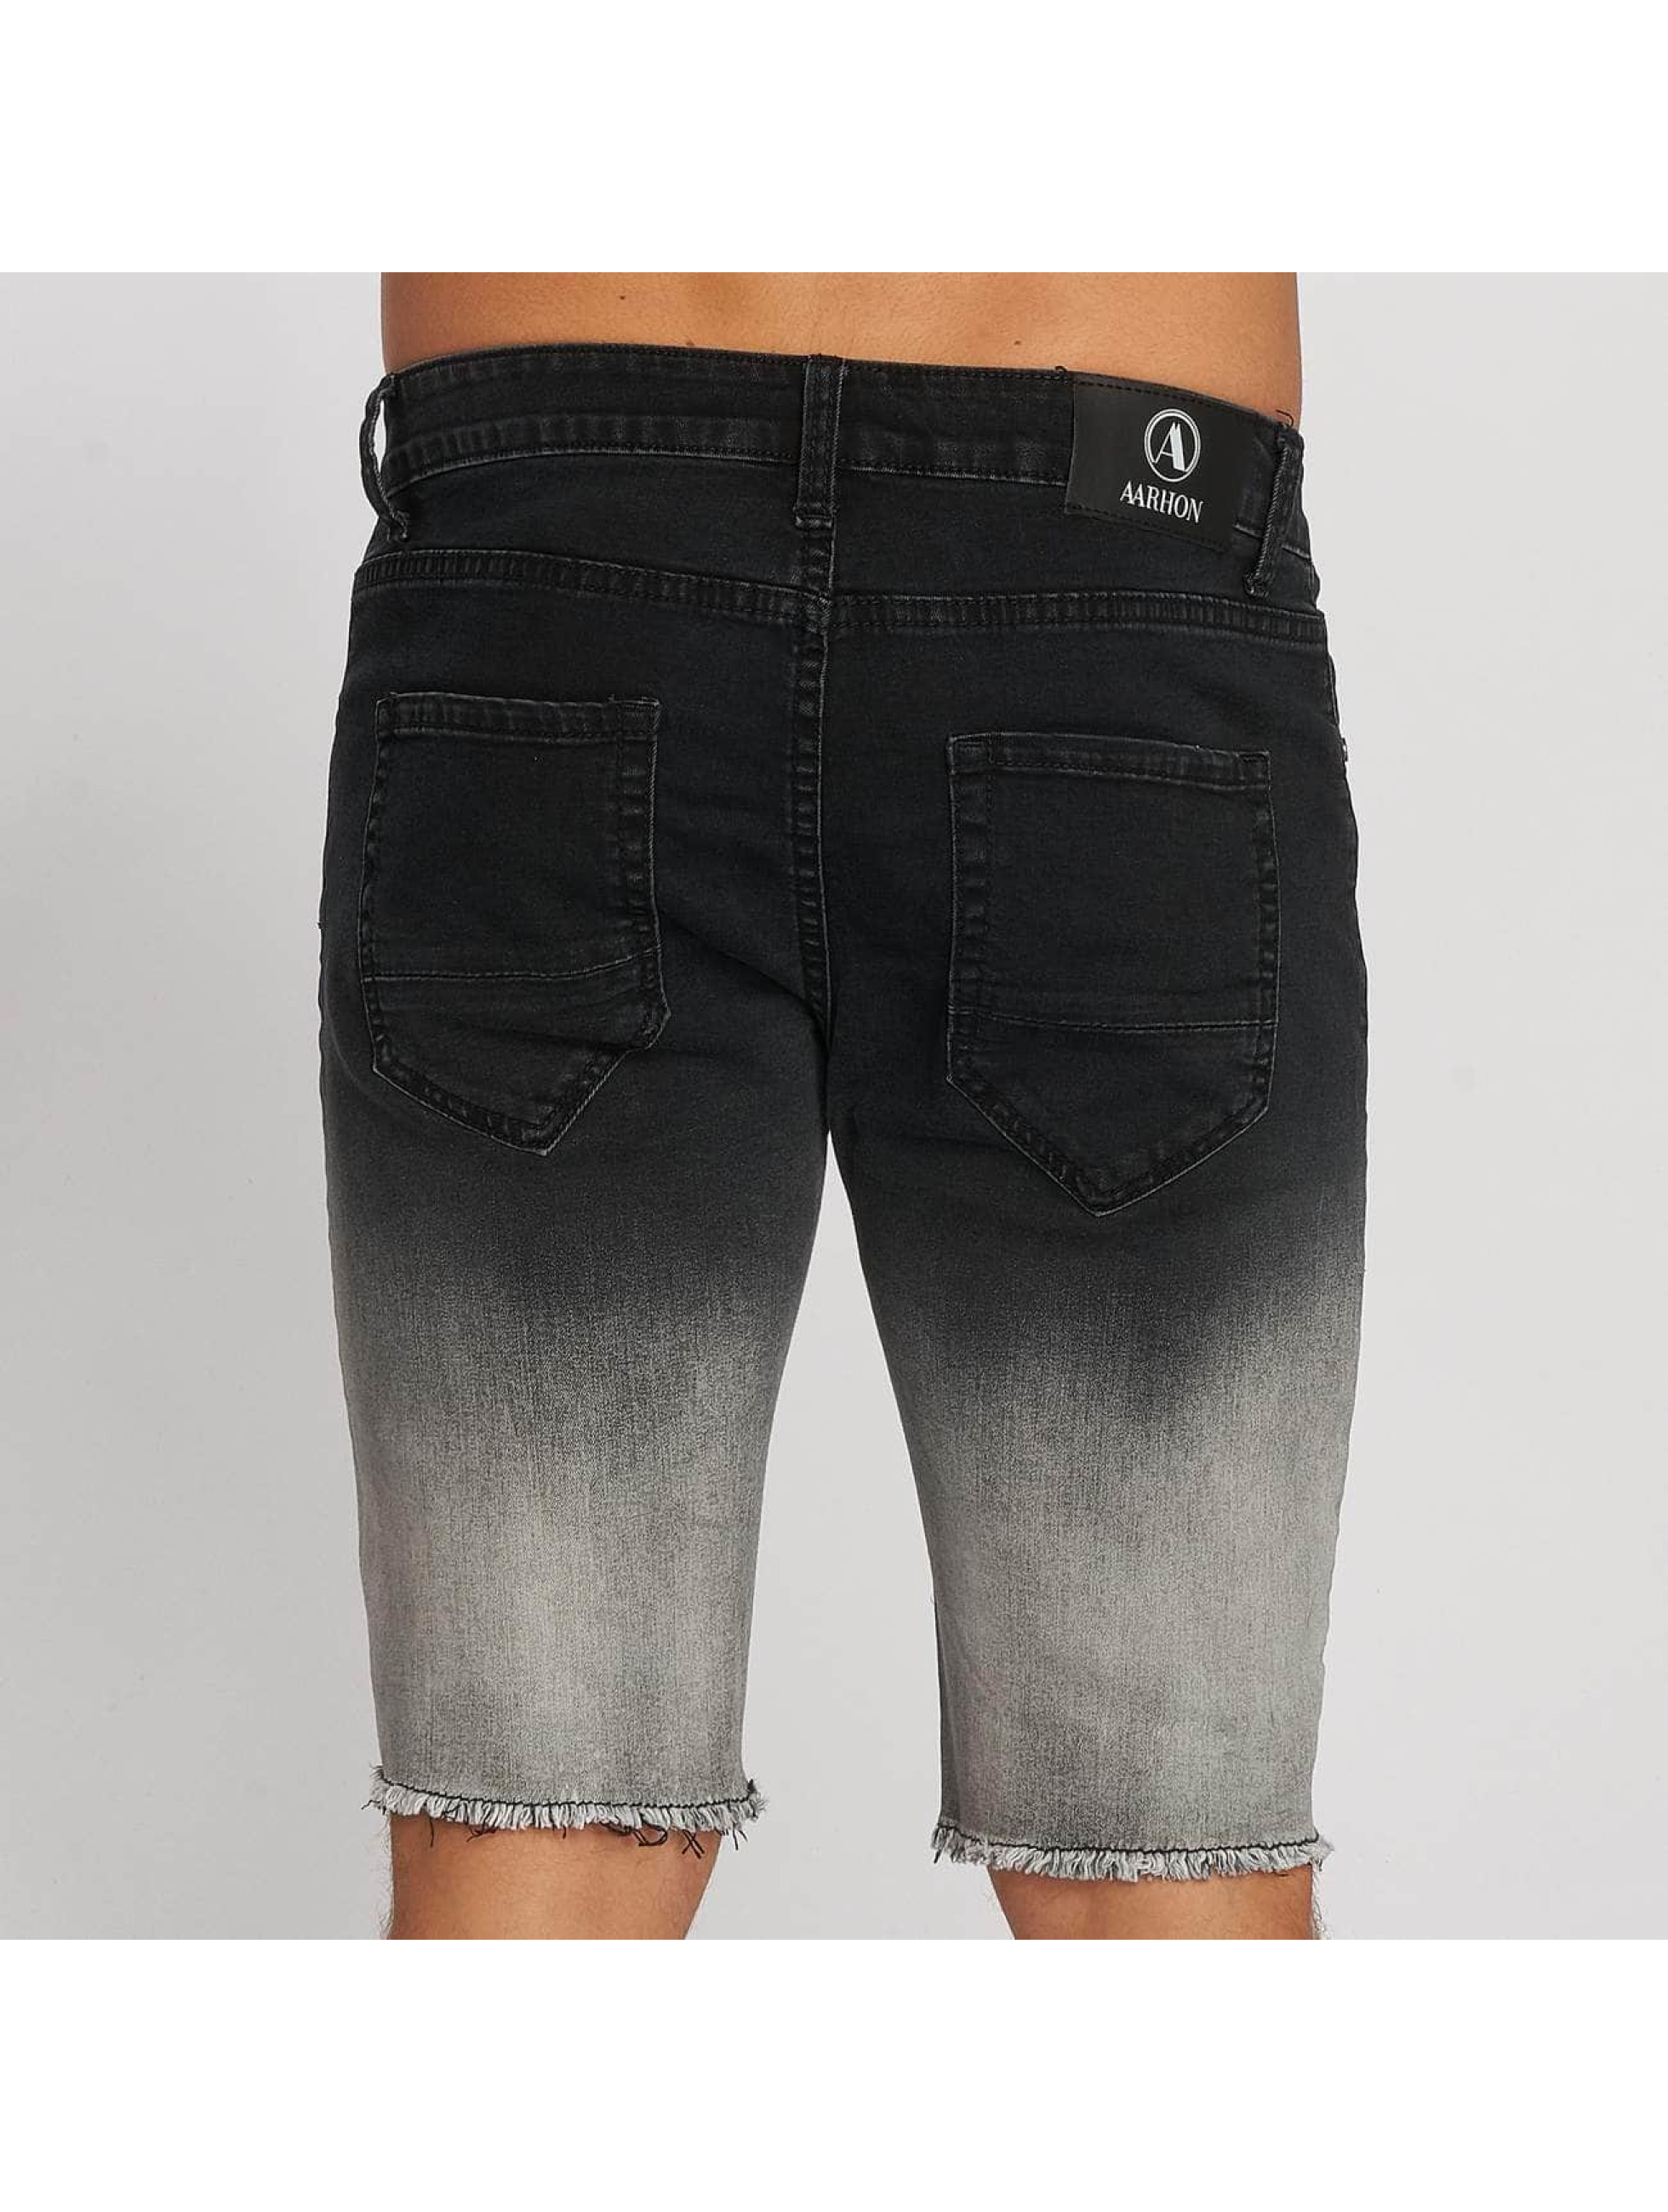 Aarhon Shorts Gradient schwarz